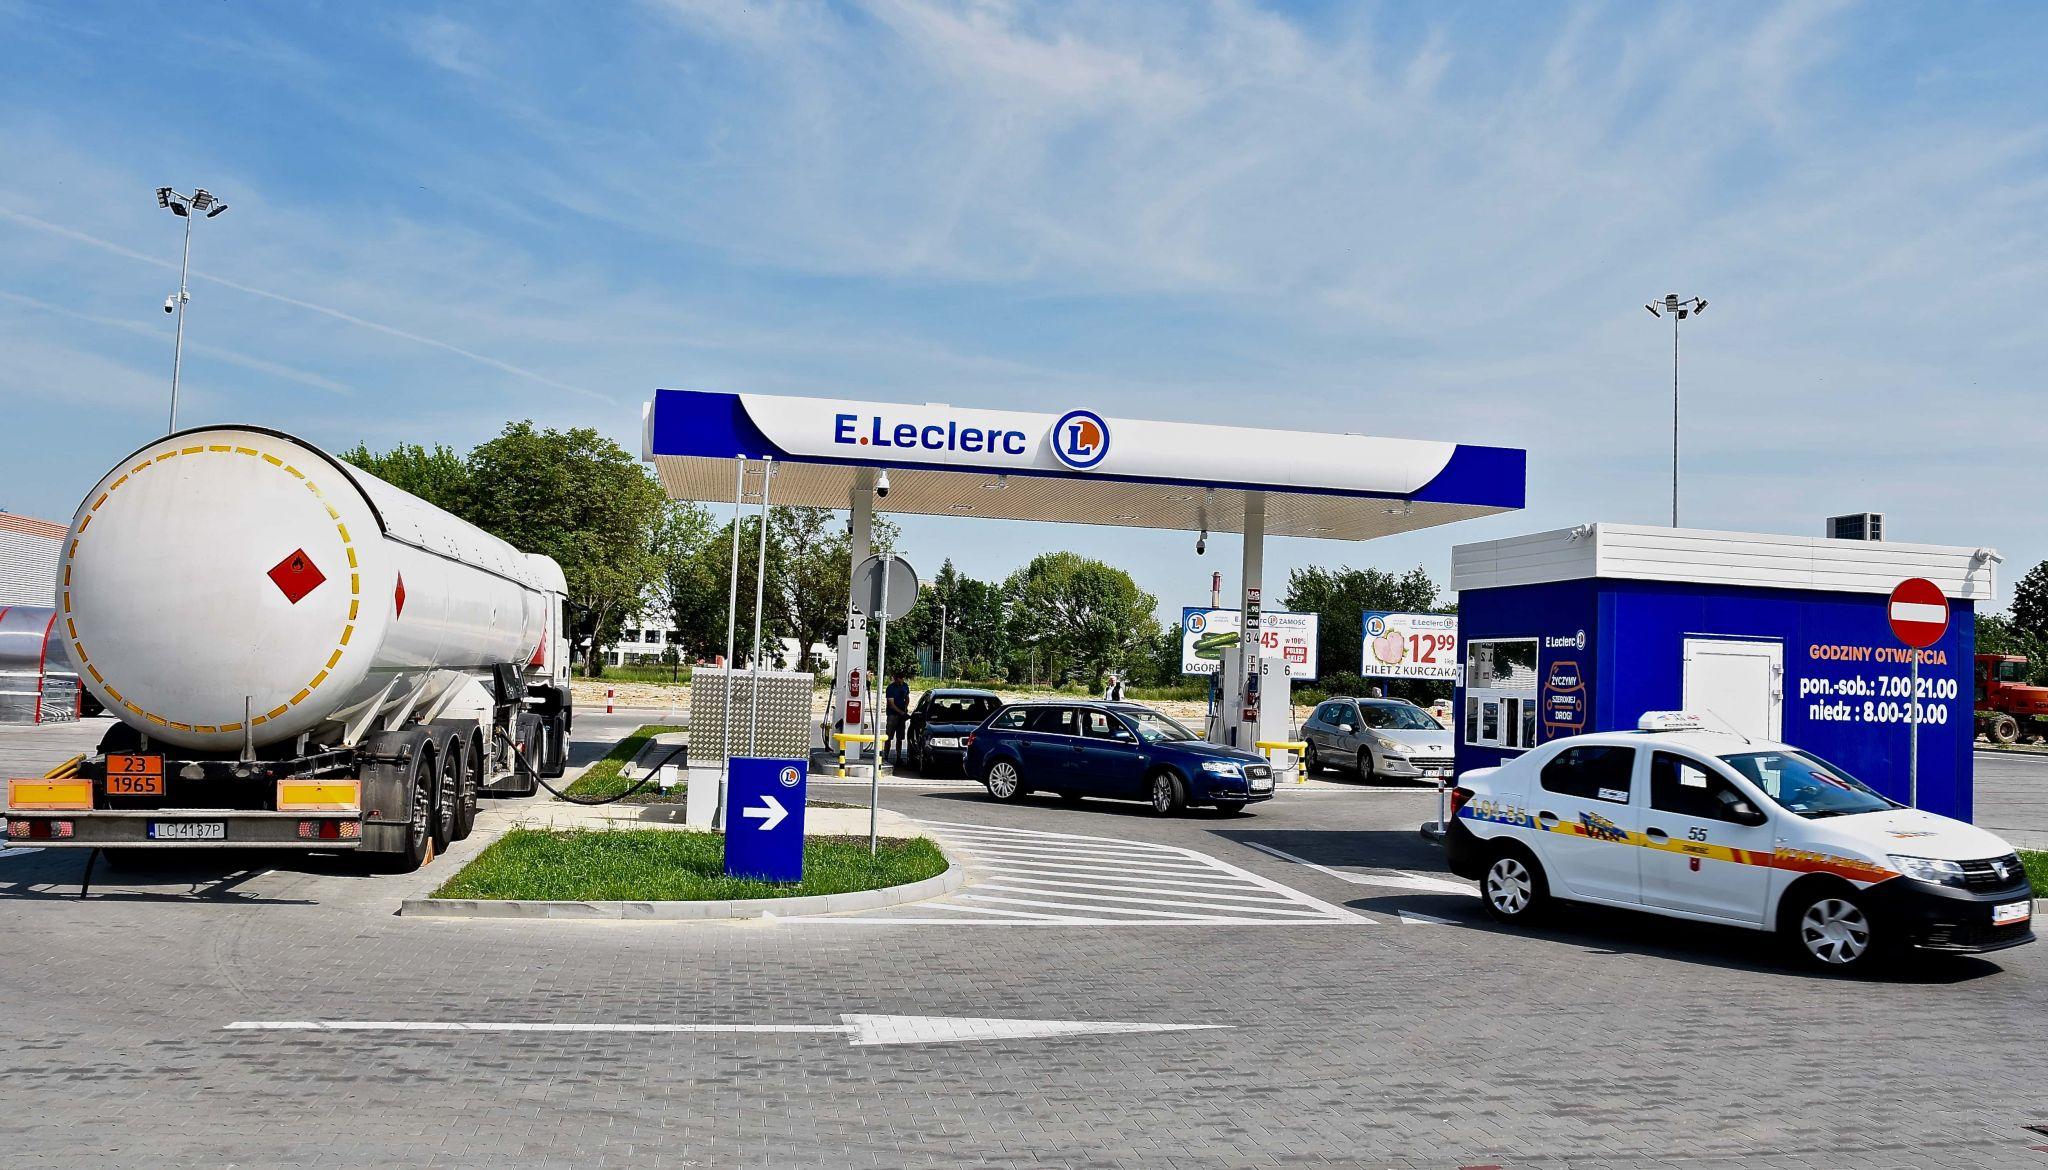 dsc 8878 Wczoraj obniżka, dzisiaj jeszcze taniej na stacji E.Leclerc w Zamościu!